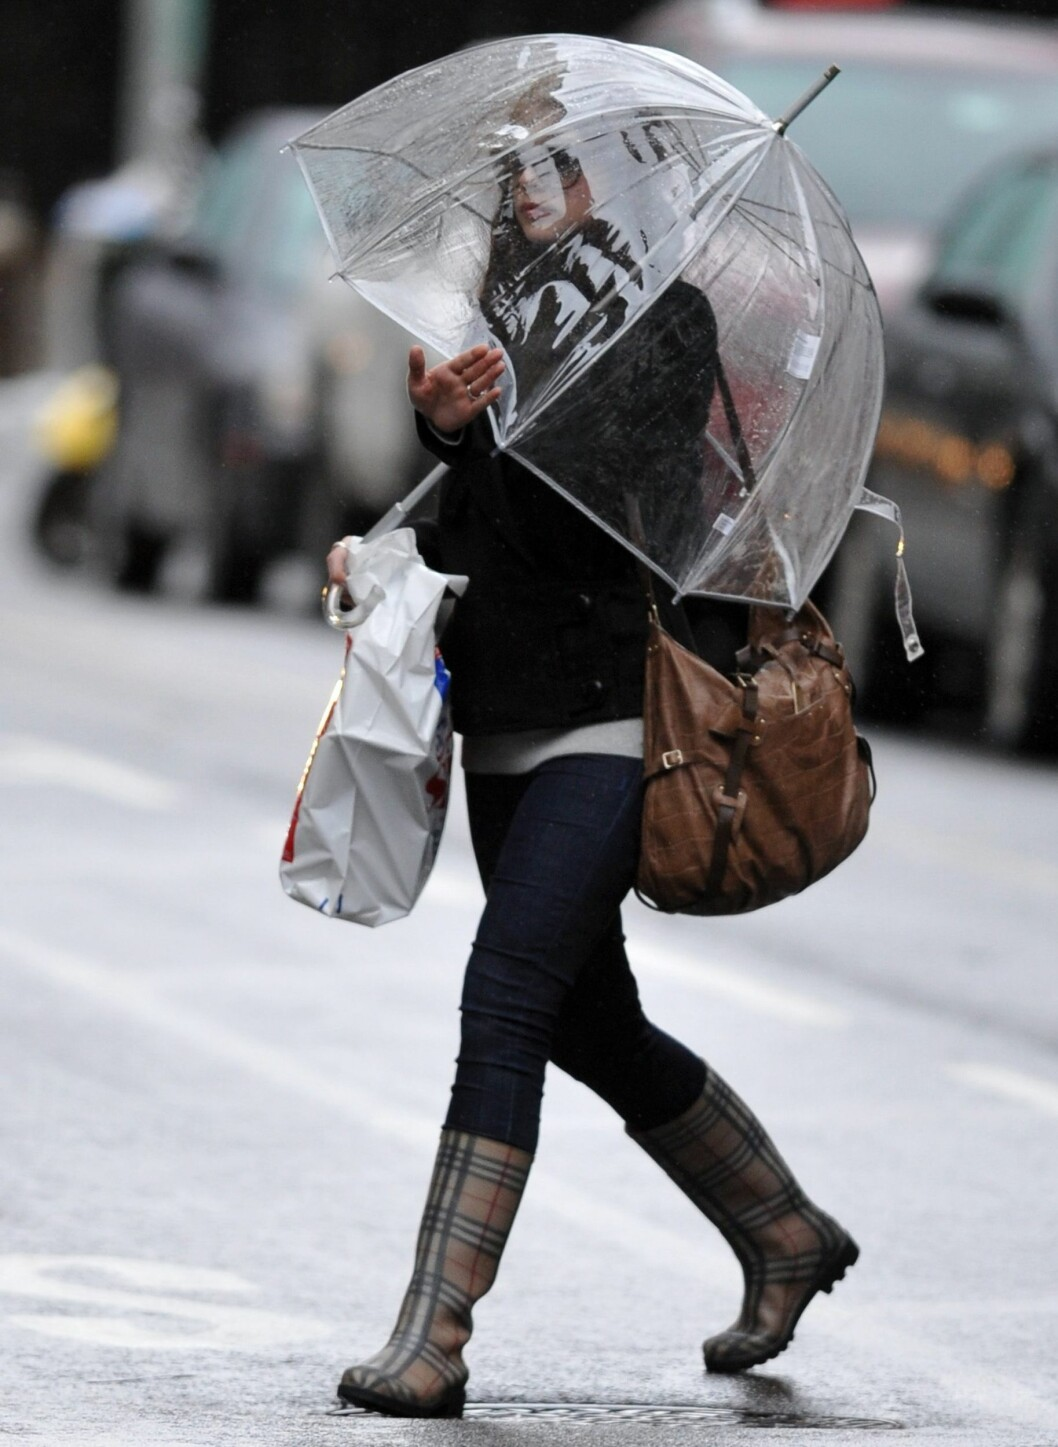 Gossip Girl-skuespiller Michelle Trachtenberg. Det er praktisk med paraplyer som dekker samtidig som du faktisk kan se hvor du går. Foto: All Over Press